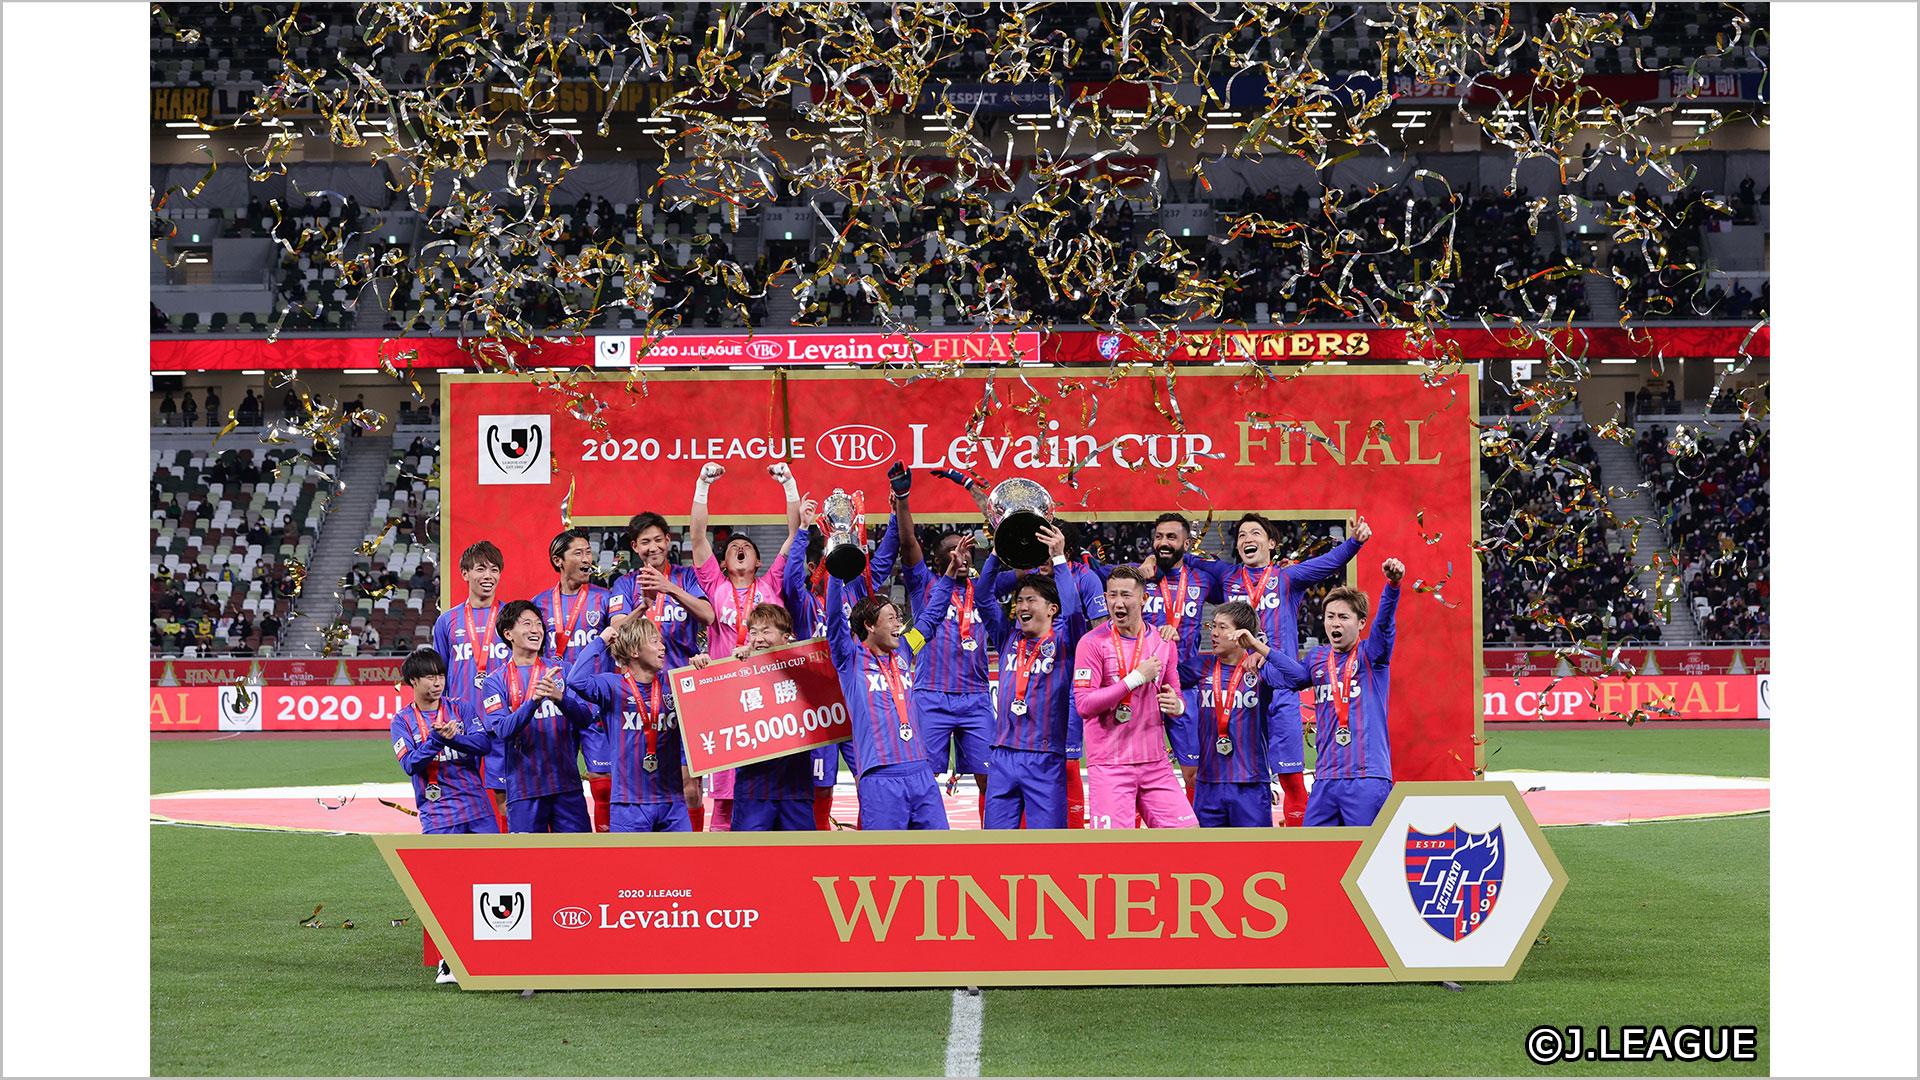 2021 JリーグYBCルヴァンカップ プレーオフステージ 第2戦 湘南ベルマーレ vs FC東京